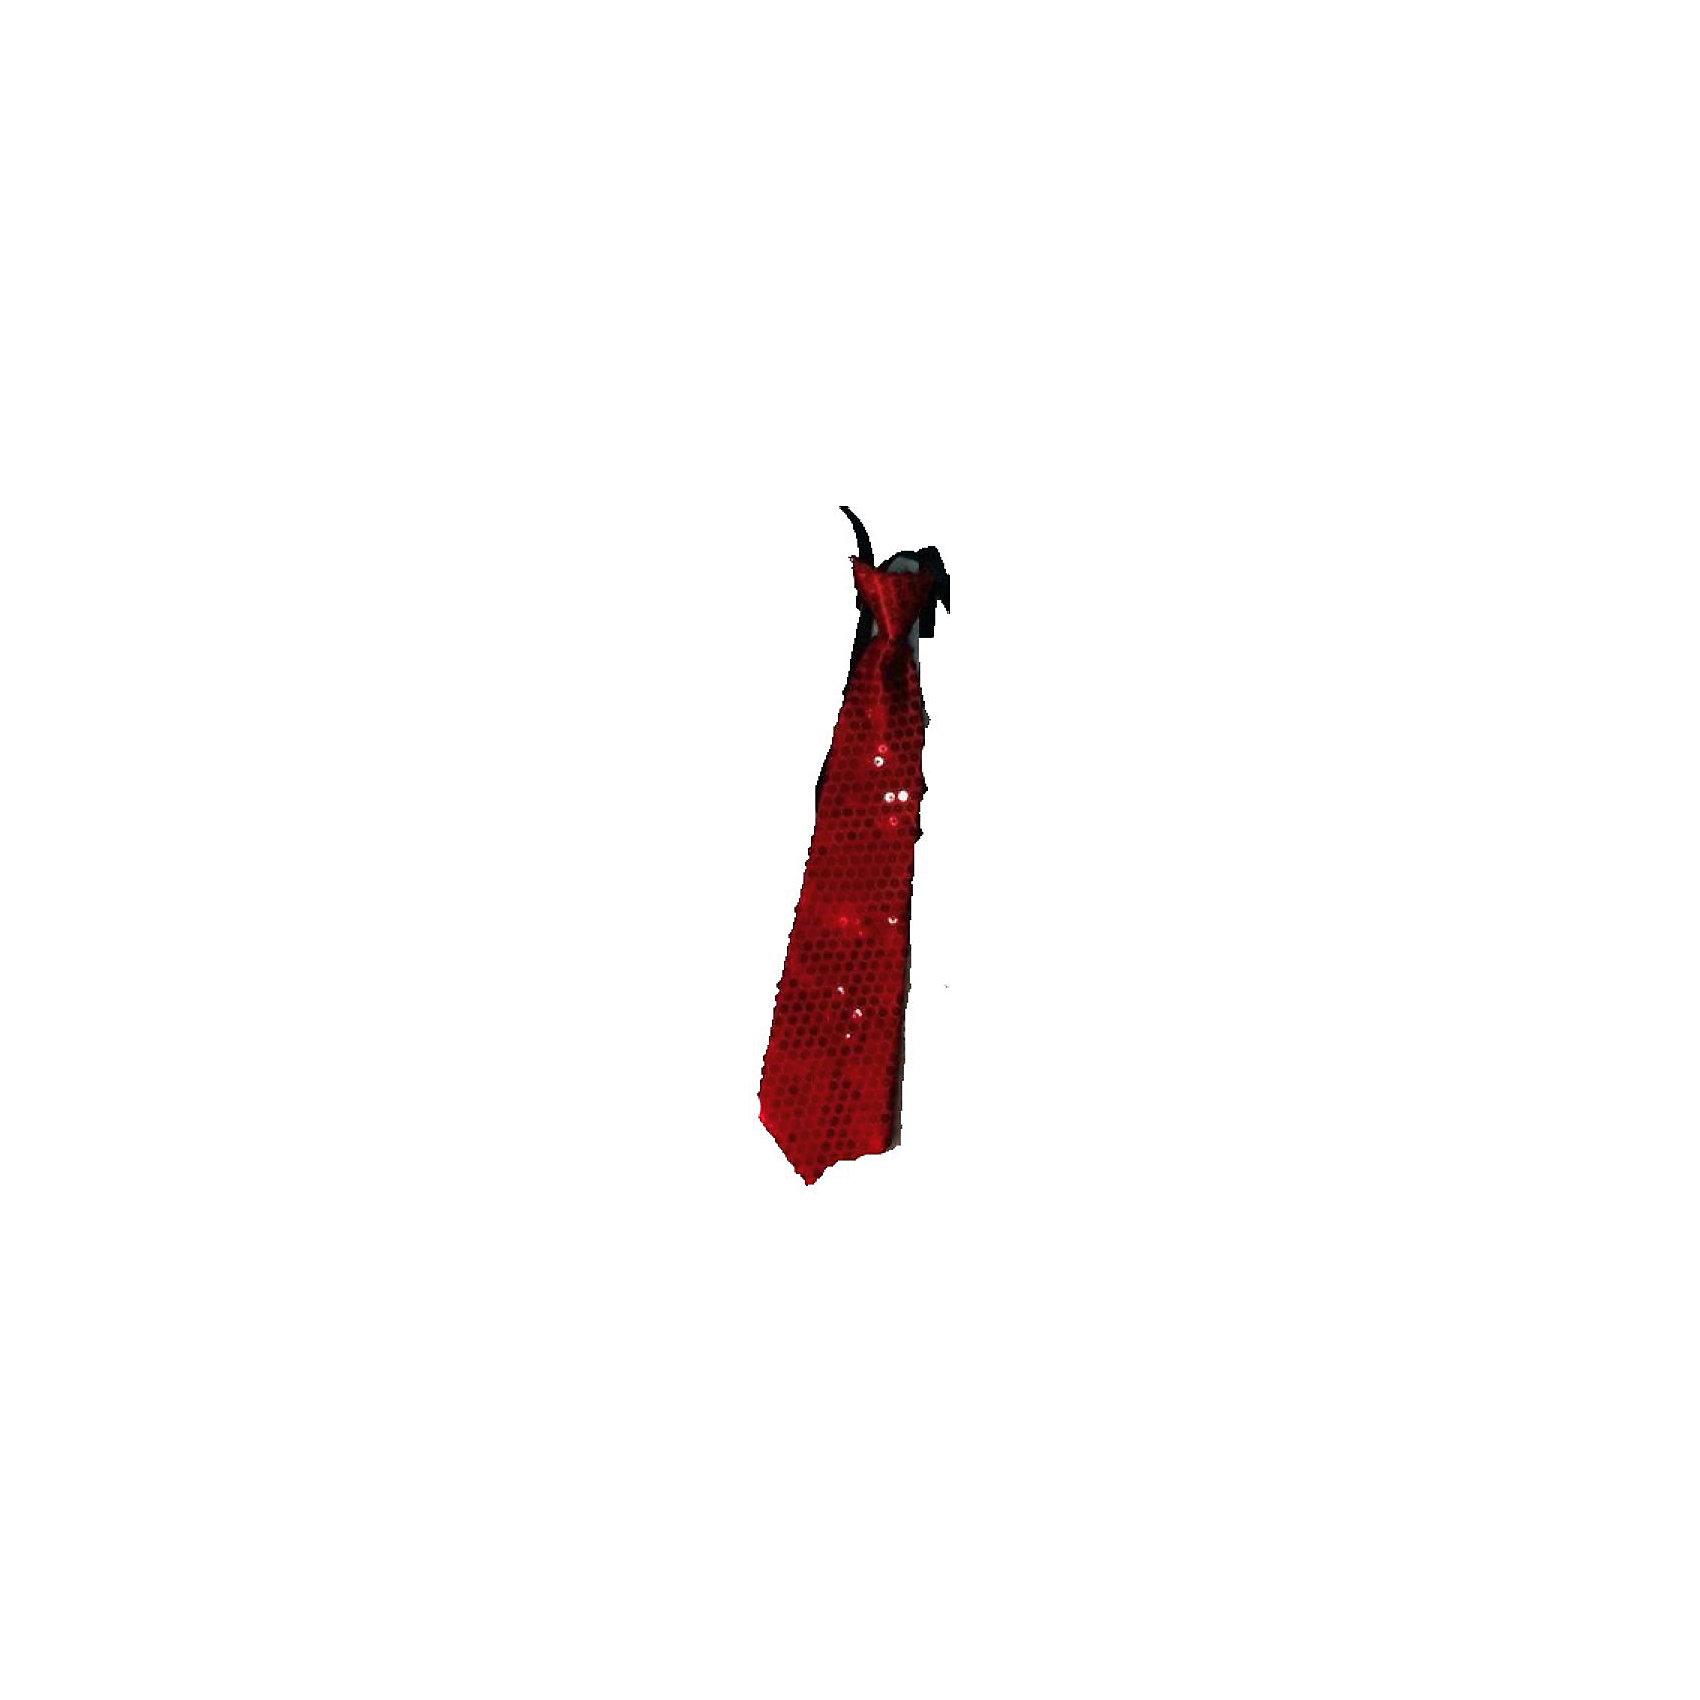 Маскарадный галстук, красныйКарнавальные костюмы и аксессуары<br>Маскарадный галстук, красный – это возможность превратить праздник в необычное, яркое шоу.<br>Красный блестящий галстук великолепно дополнит образ вашего персонажа, подчеркнет его характер и сформирует облик в целом. Если у вас намечается веселая вечеринка или маскарад, то такой аксессуар легко поможет создать праздничный наряд. Внесите нотку задора и веселья в праздник. Веселое настроение и масса положительных эмоций будут обеспечены!<br><br>Дополнительная информация:<br><br>- Размер: 35 см.<br>- Материал: полиэстер<br>- Цвет: красный<br><br>Маскарадный галстук, красный можно купить в нашем интернет-магазине.<br><br>Ширина мм: 350<br>Глубина мм: 80<br>Высота мм: 20<br>Вес г: 23<br>Возраст от месяцев: 48<br>Возраст до месяцев: 1188<br>Пол: Мужской<br>Возраст: Детский<br>SKU: 4280637